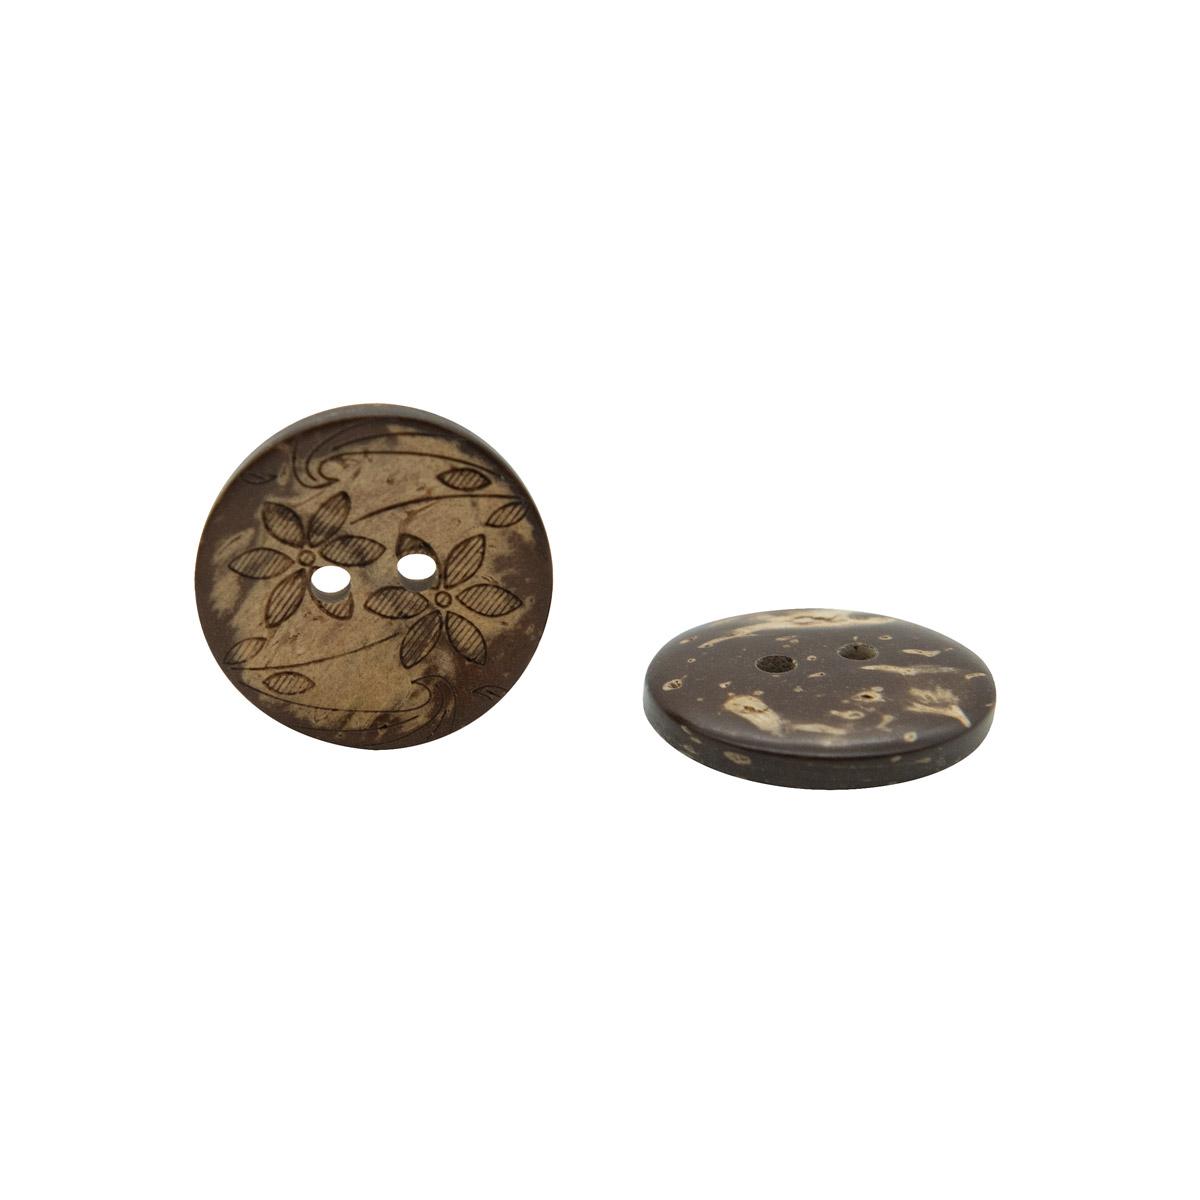 KO03 Пуговица кокос 32L (20мм) 2пр.